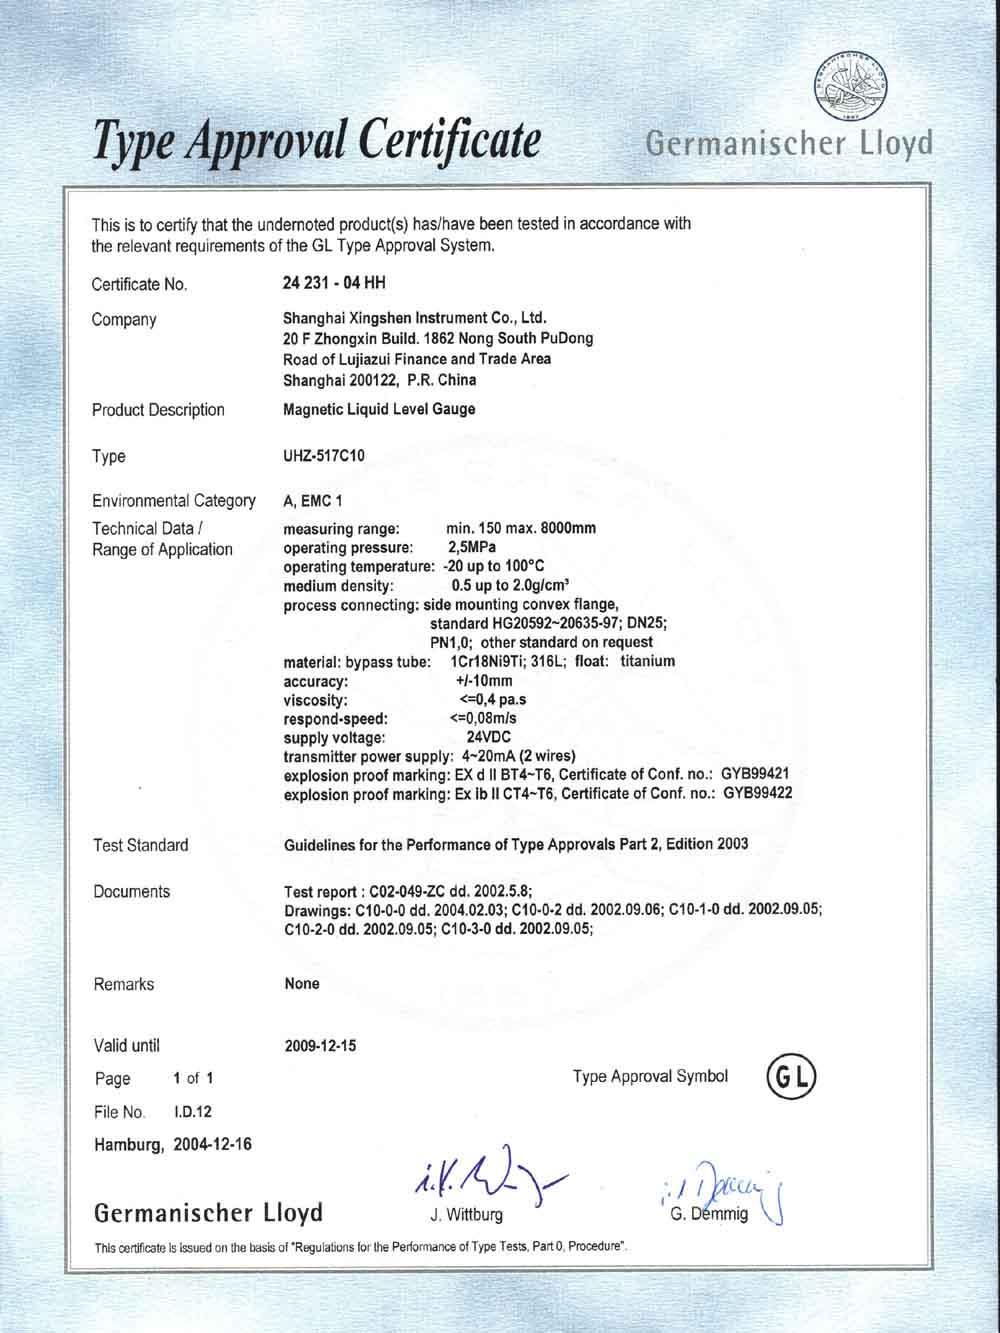 德国劳氏船检证书-UHZ-517C10